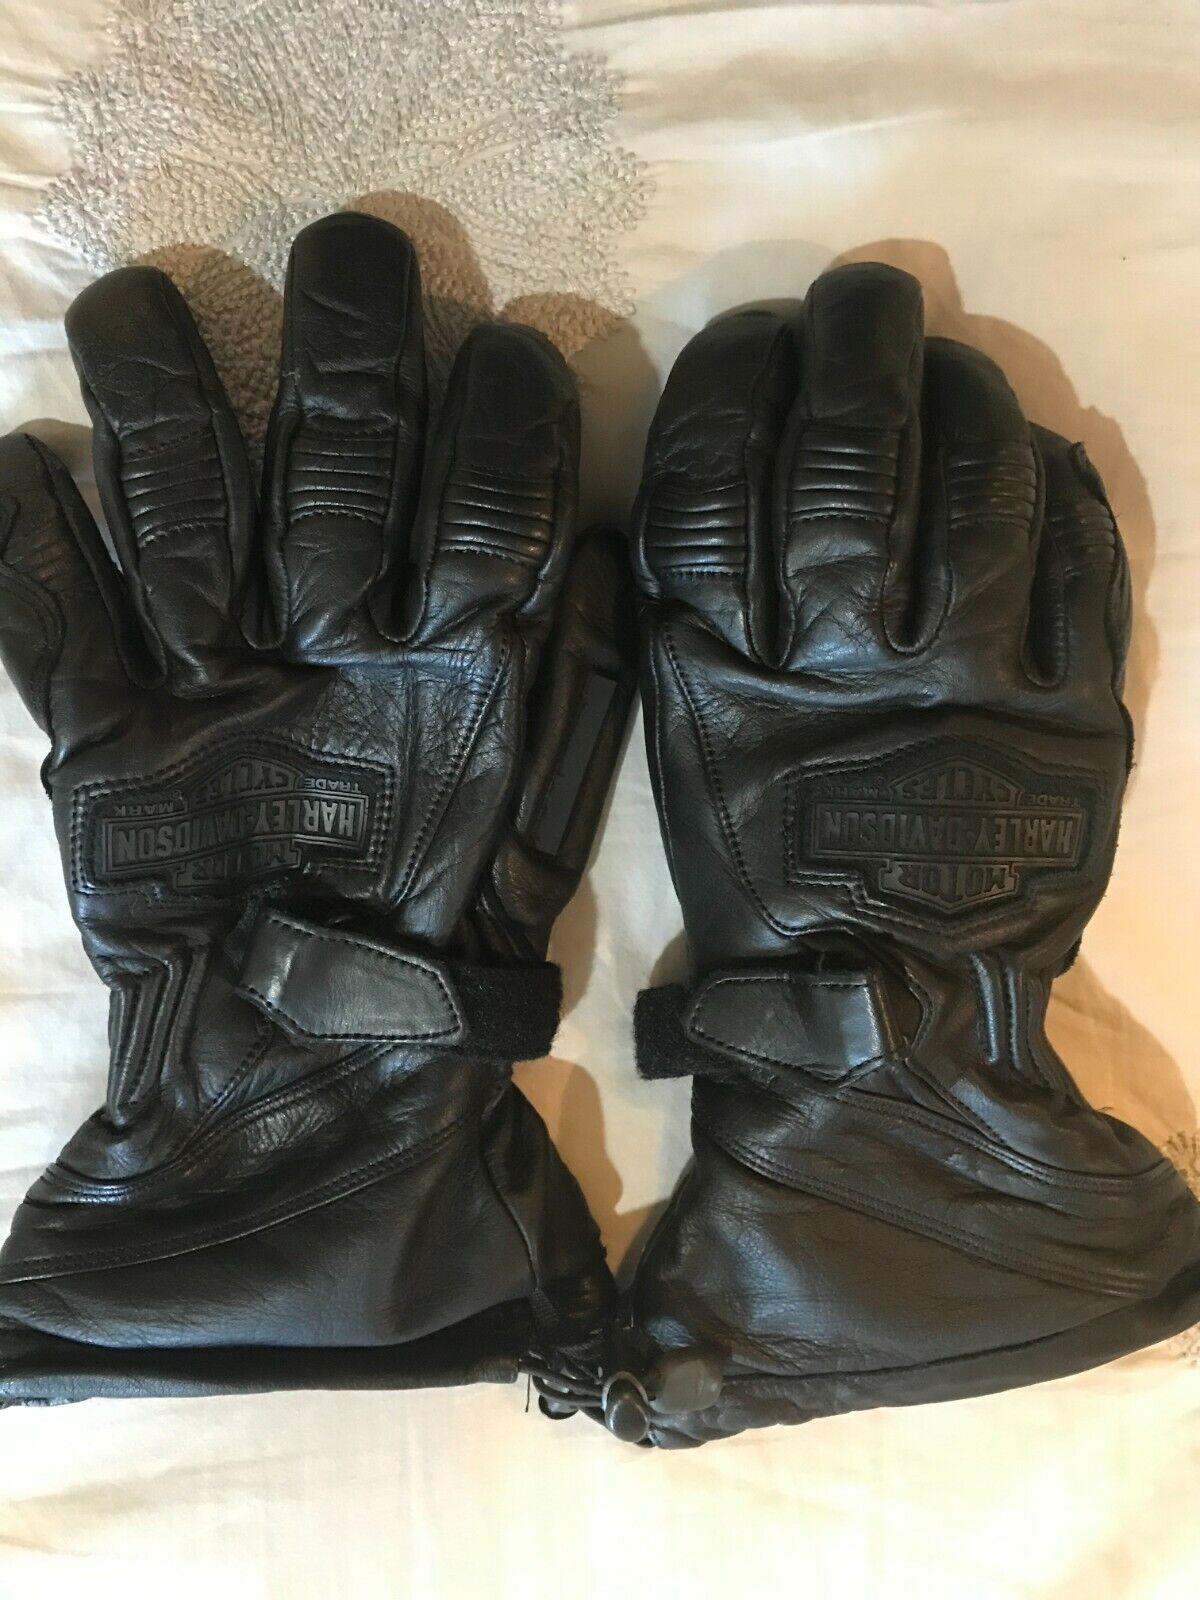 Harley Davidson Leather Cold Weather Gauntlet Gloves sz L